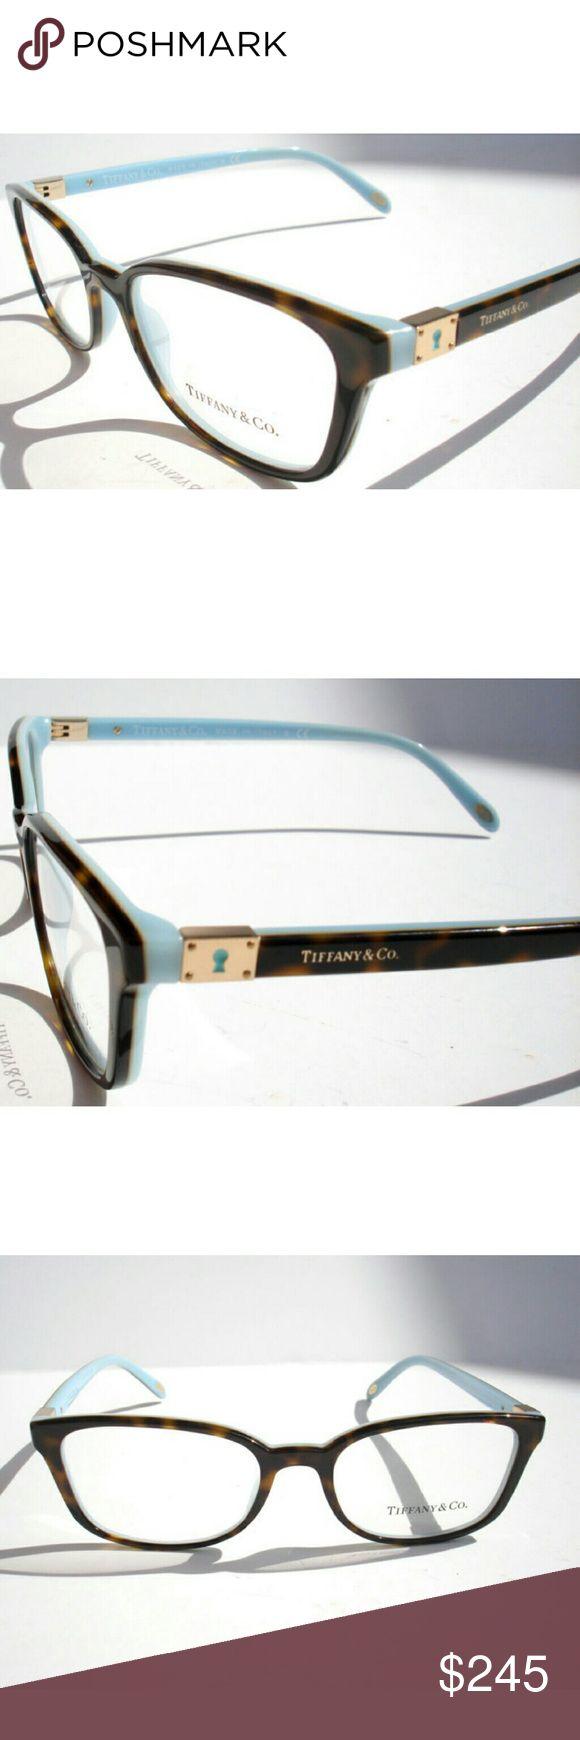 Mejores 18 imágenes de Eye glasses en Pinterest | Anteojos, Gafas y ...